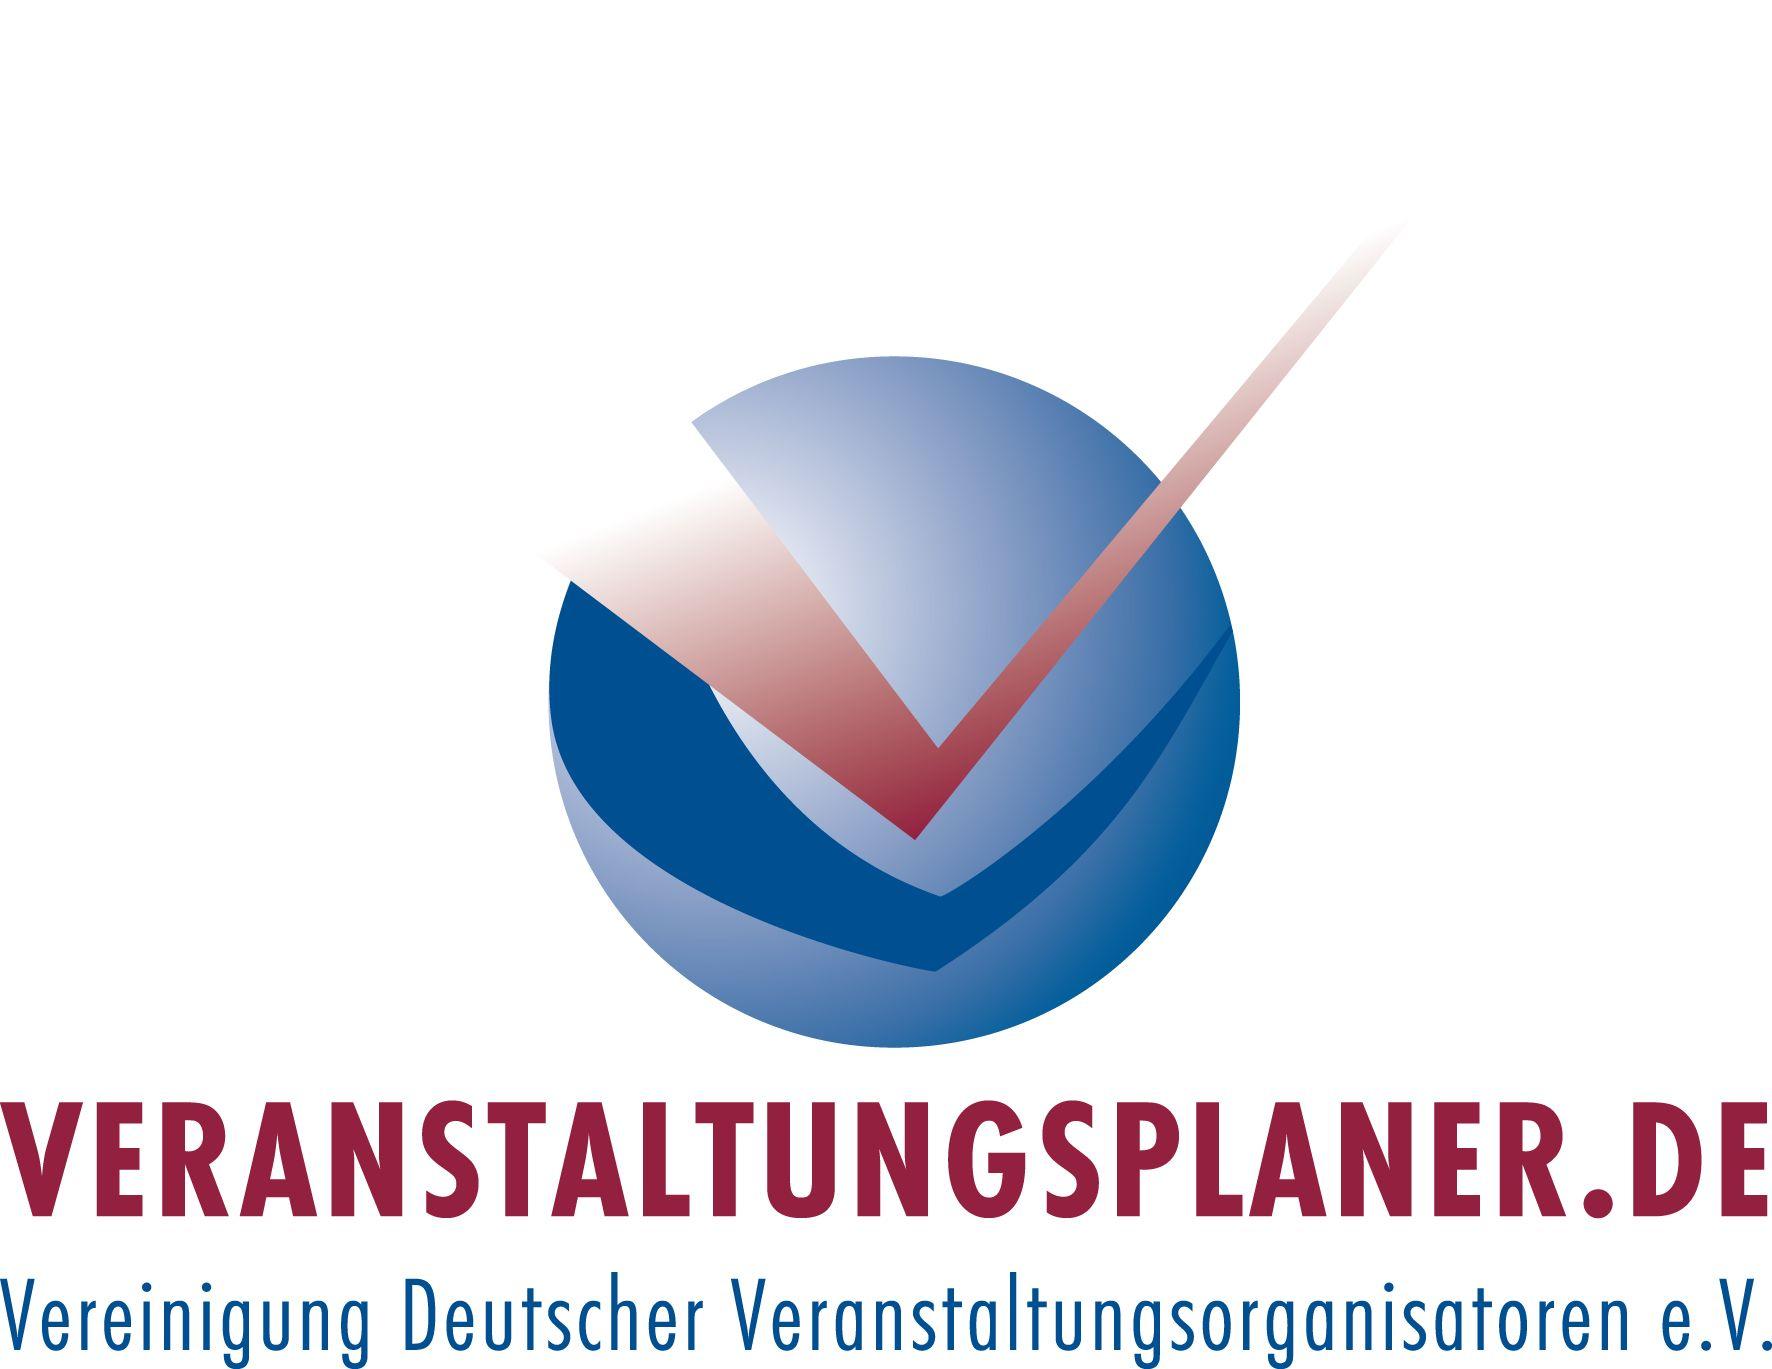 VERANSTALTUNGSPLANER.DE Vereinigung Deutscher Veranstaltungsorganisatoren e.V.